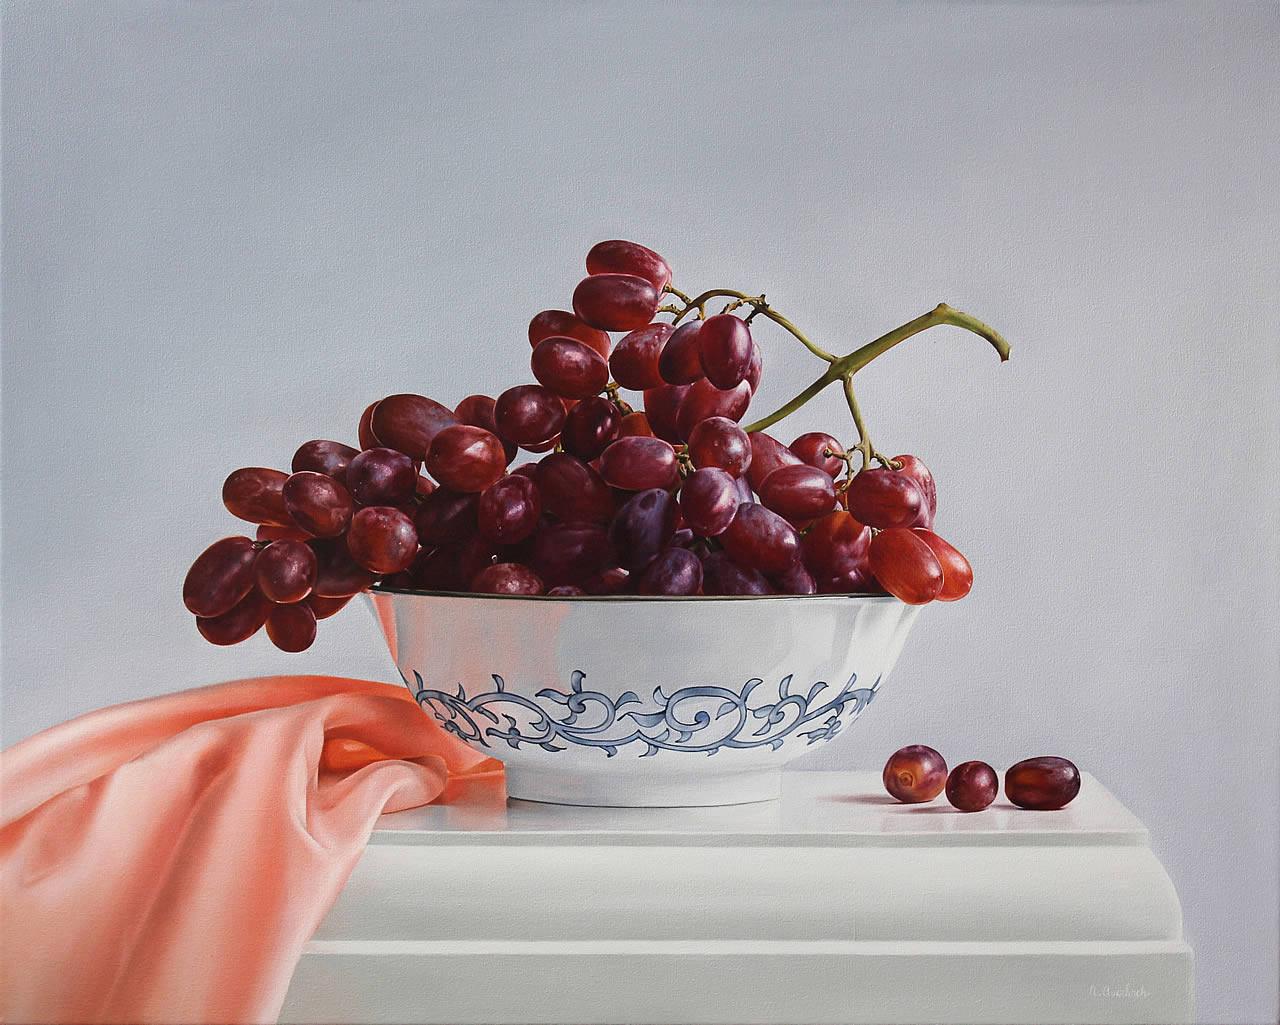 Bowl of Grapes